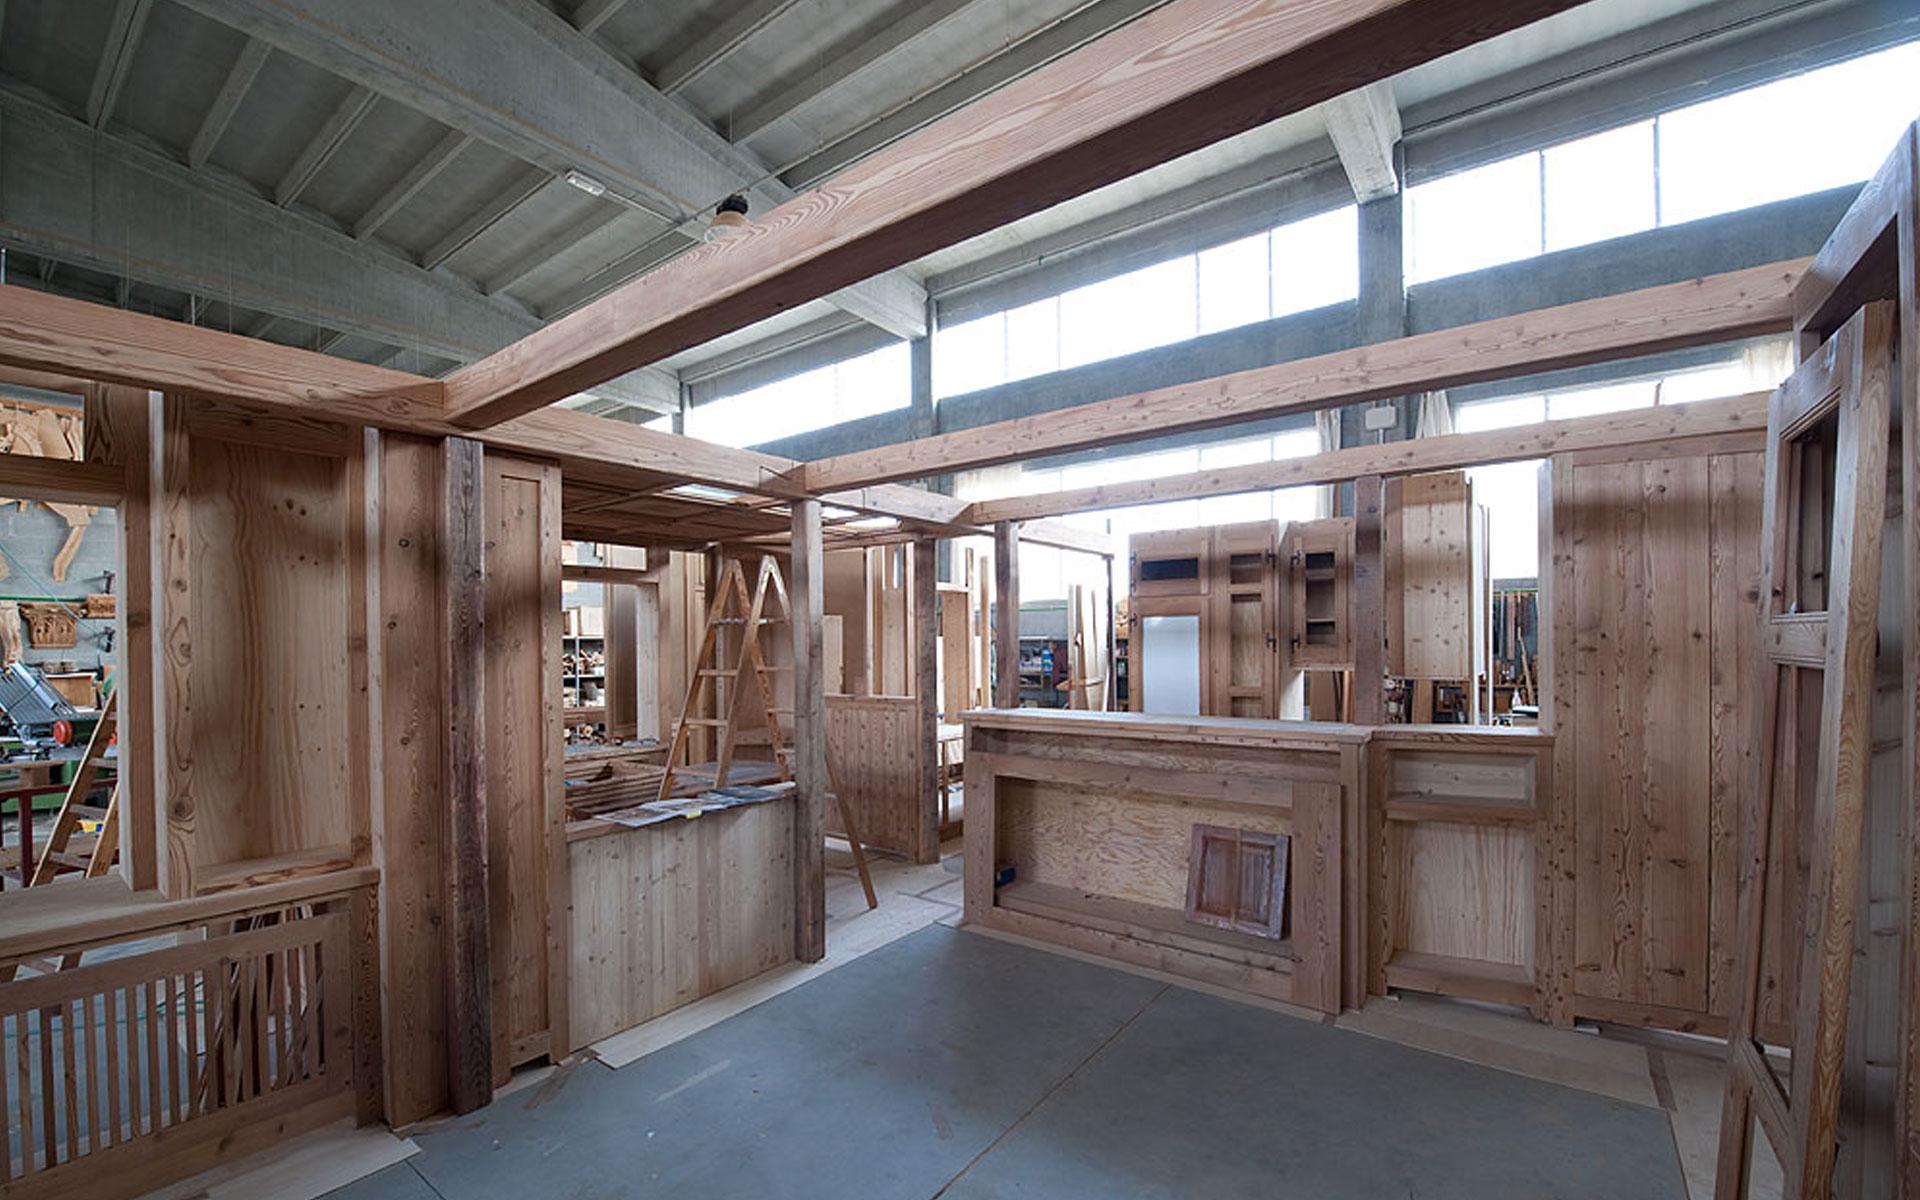 Entreprise interni mobilarte conception d 39 ameublements for Meuble et nous